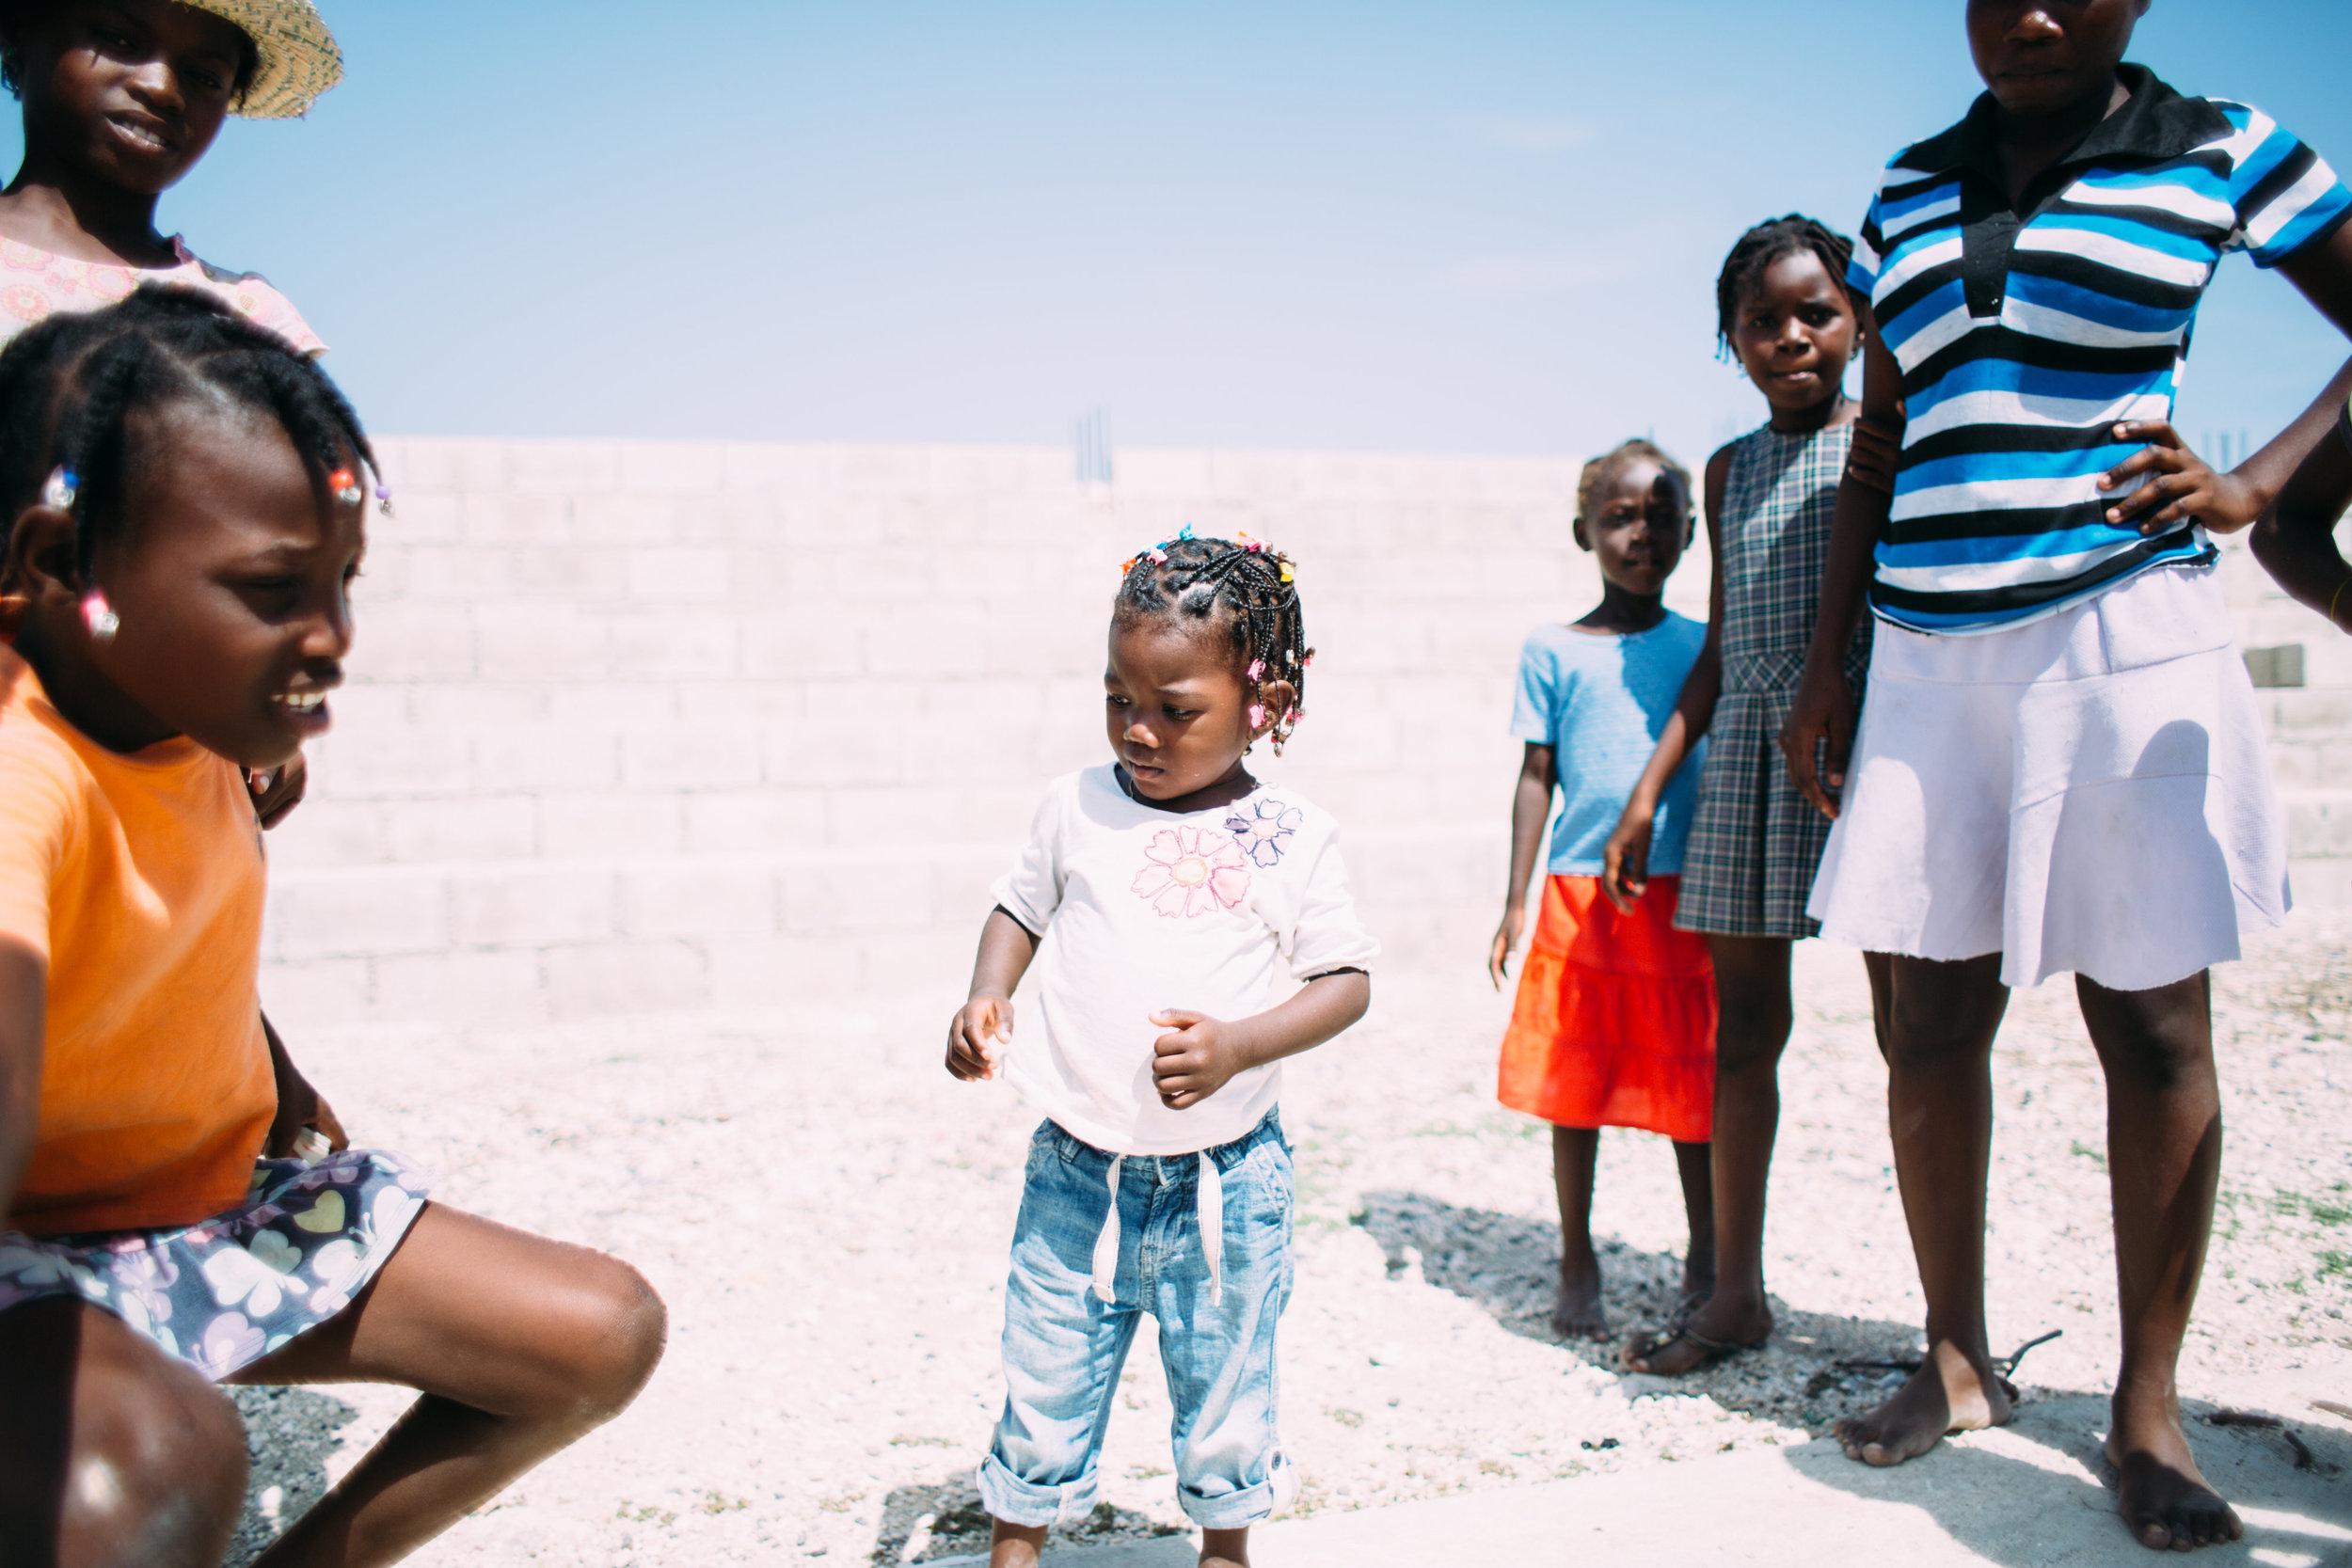 Haiti 2016-Cite Soliel 1-0056.jpg